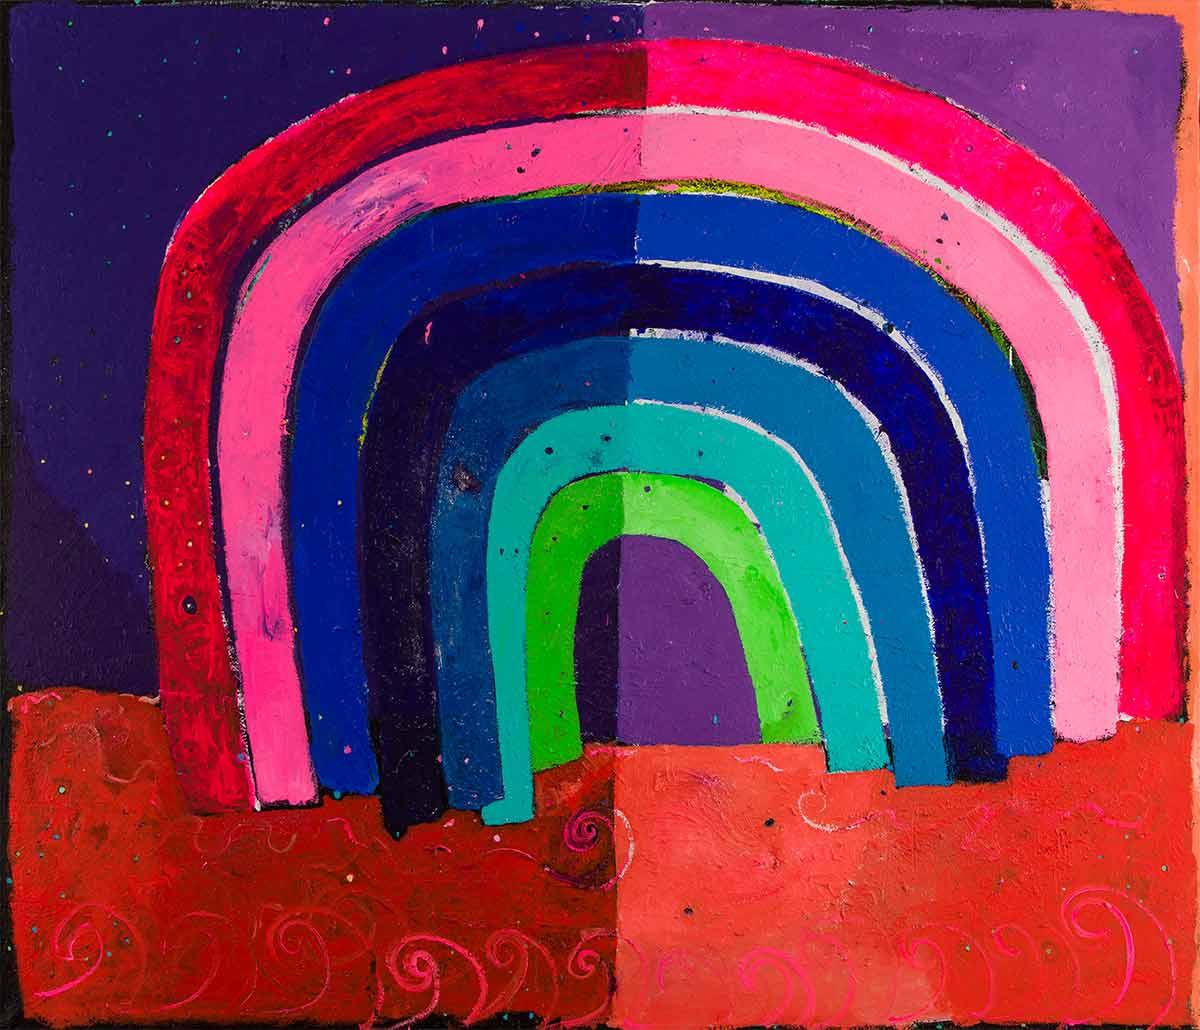 art space, gallery, studio, zeitgenössische kunst, modern, imitation, available,